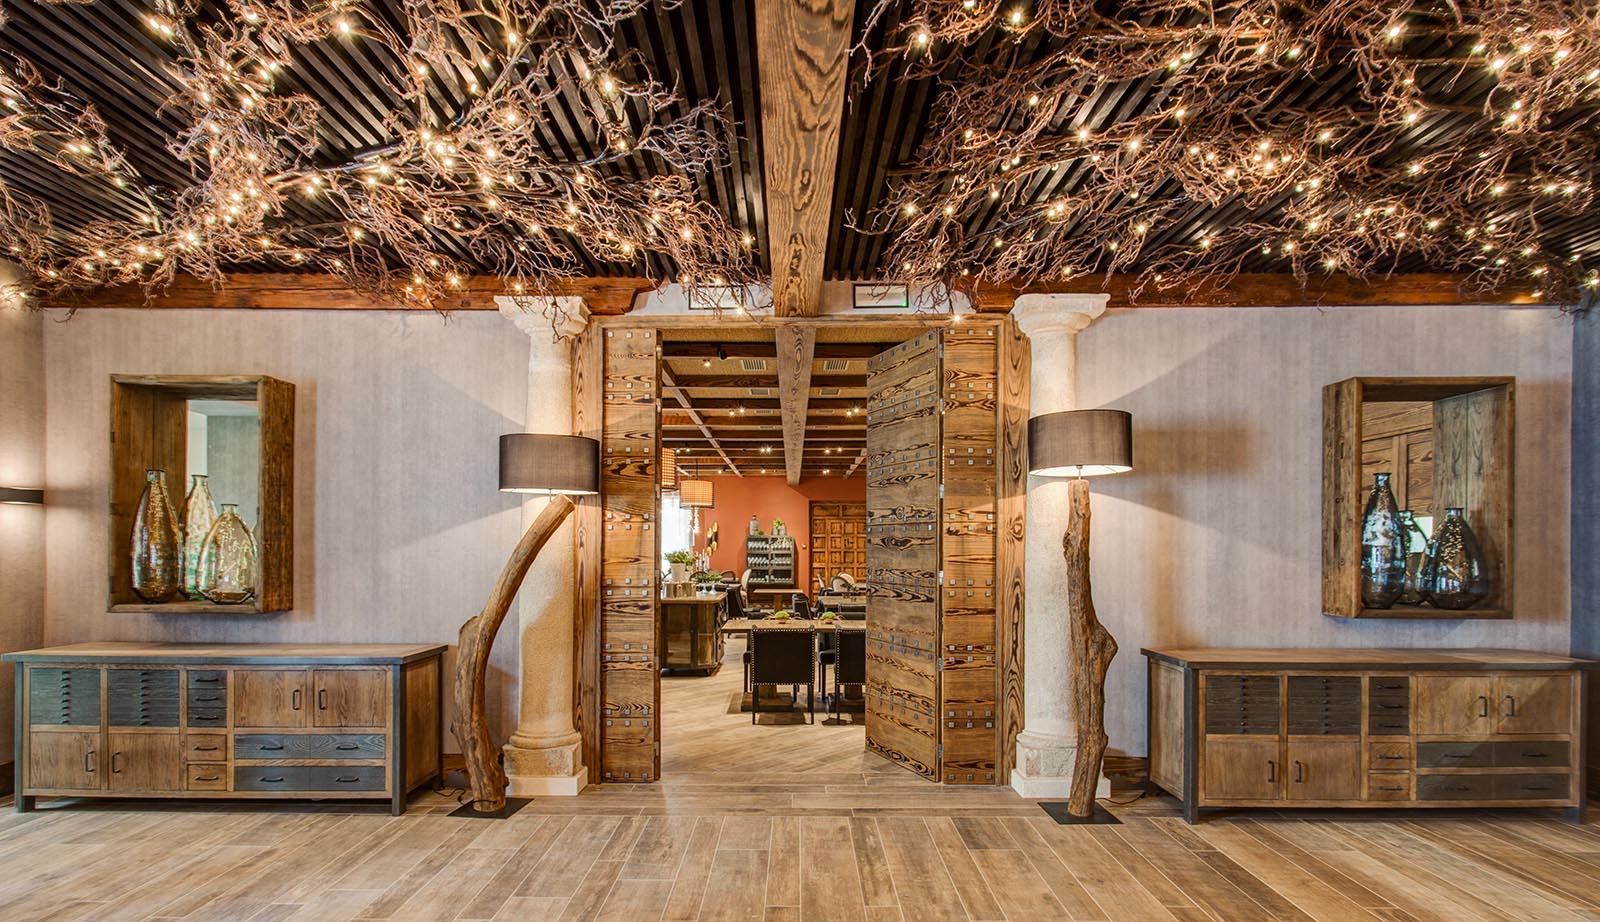 Rustic restaurant interior design ideas psoriasisguru